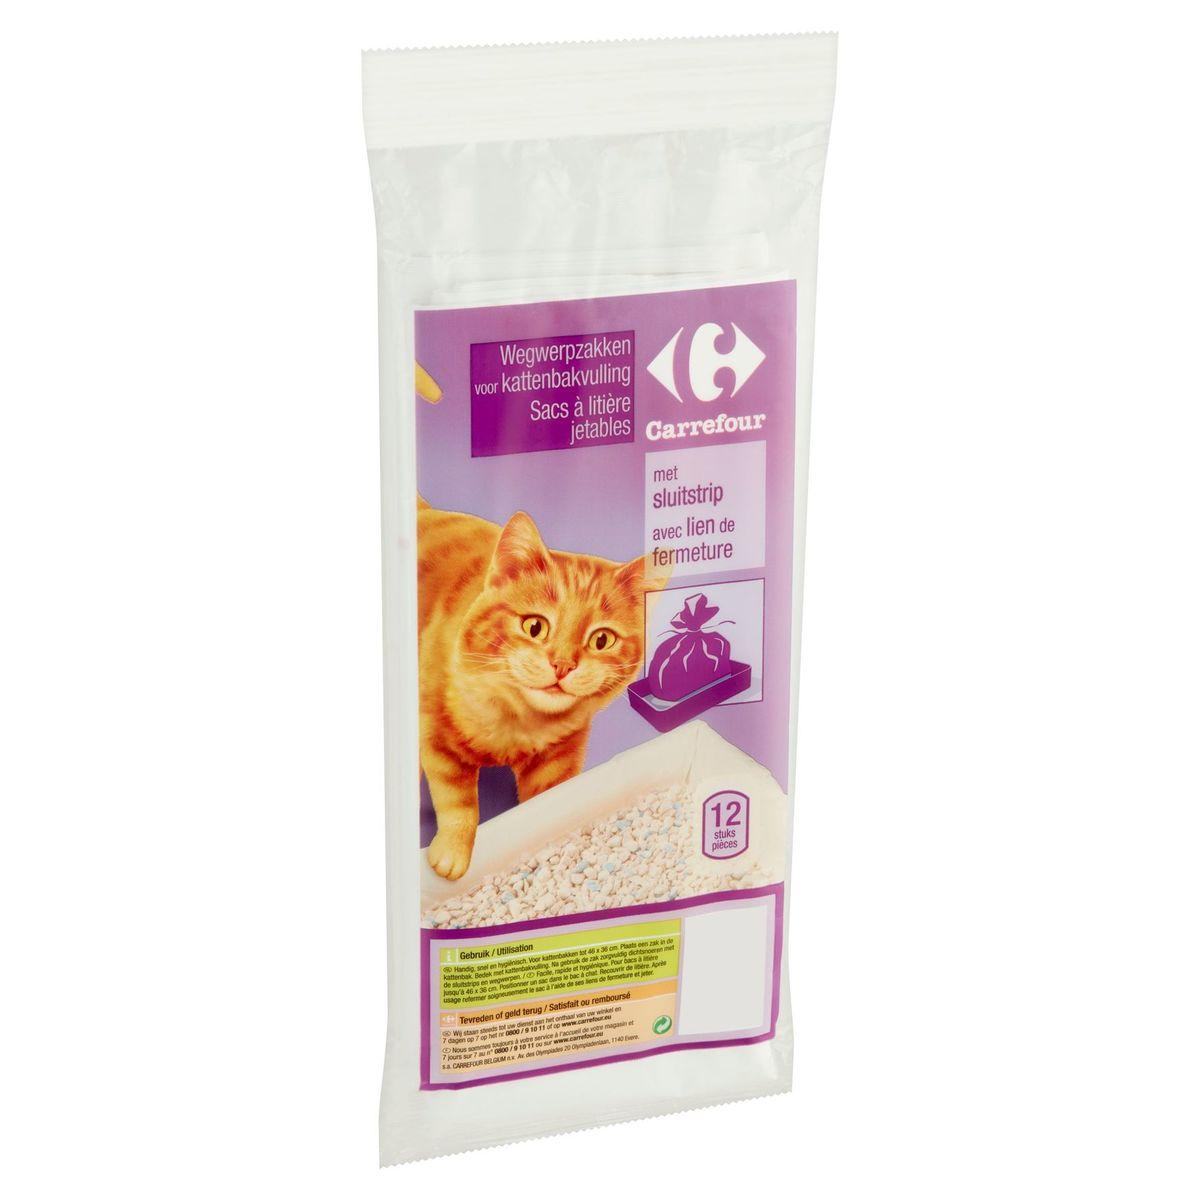 Carrefour Wegwerpzakken voor Kattenbakvulling met Sluitstrip 12 Stuks